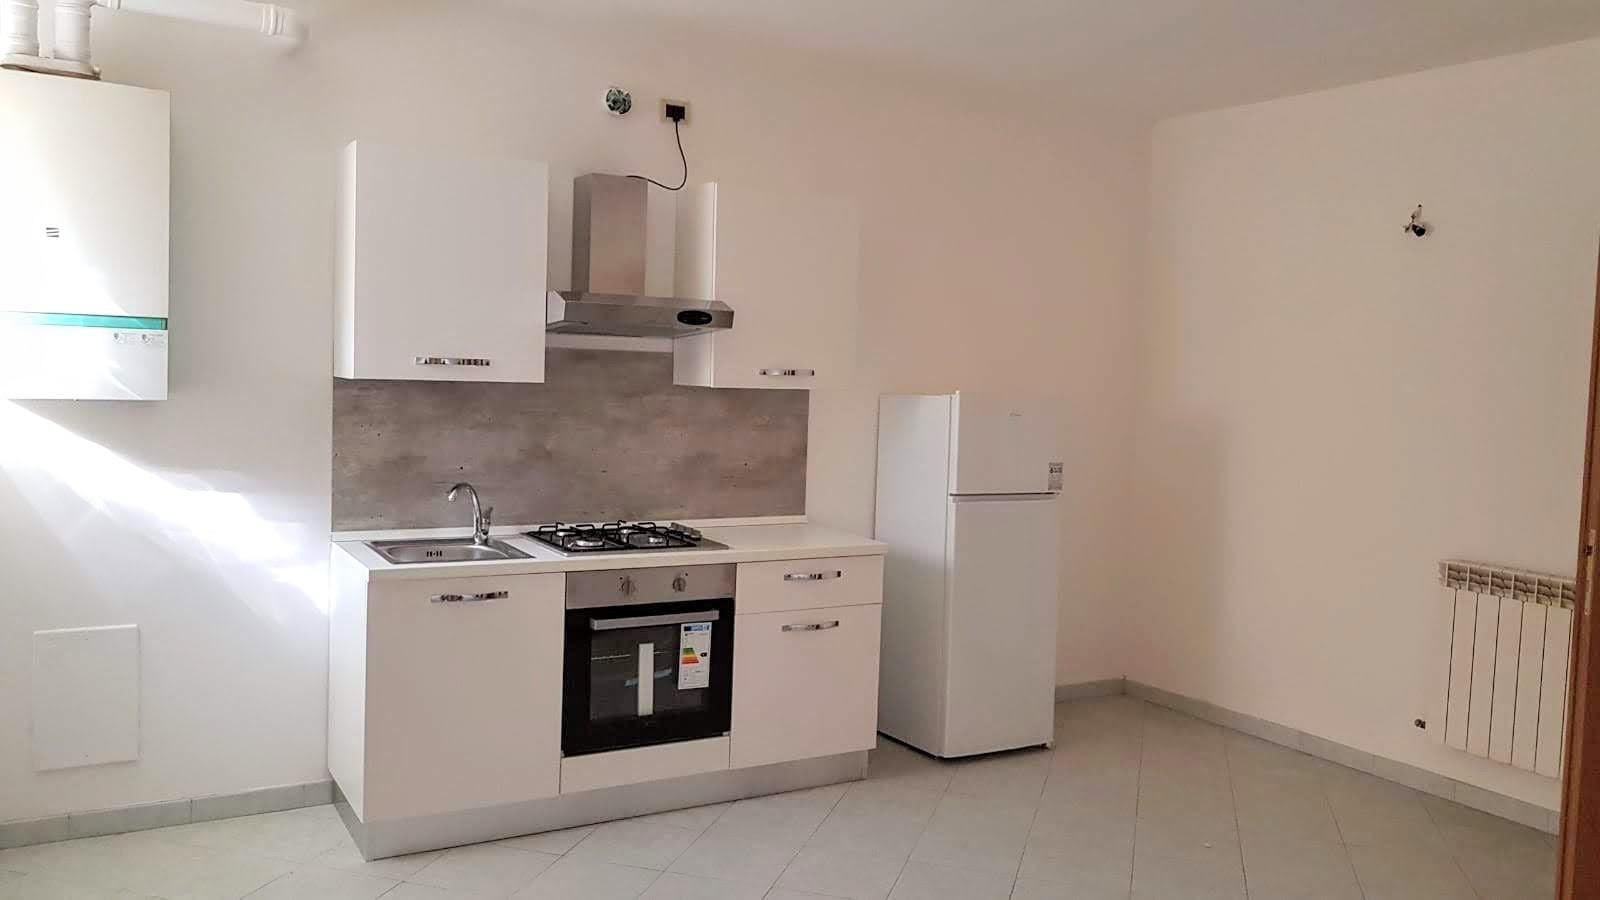 Appartamento in affitto a Casale Monferrato, 2 locali, prezzo € 320 | CambioCasa.it